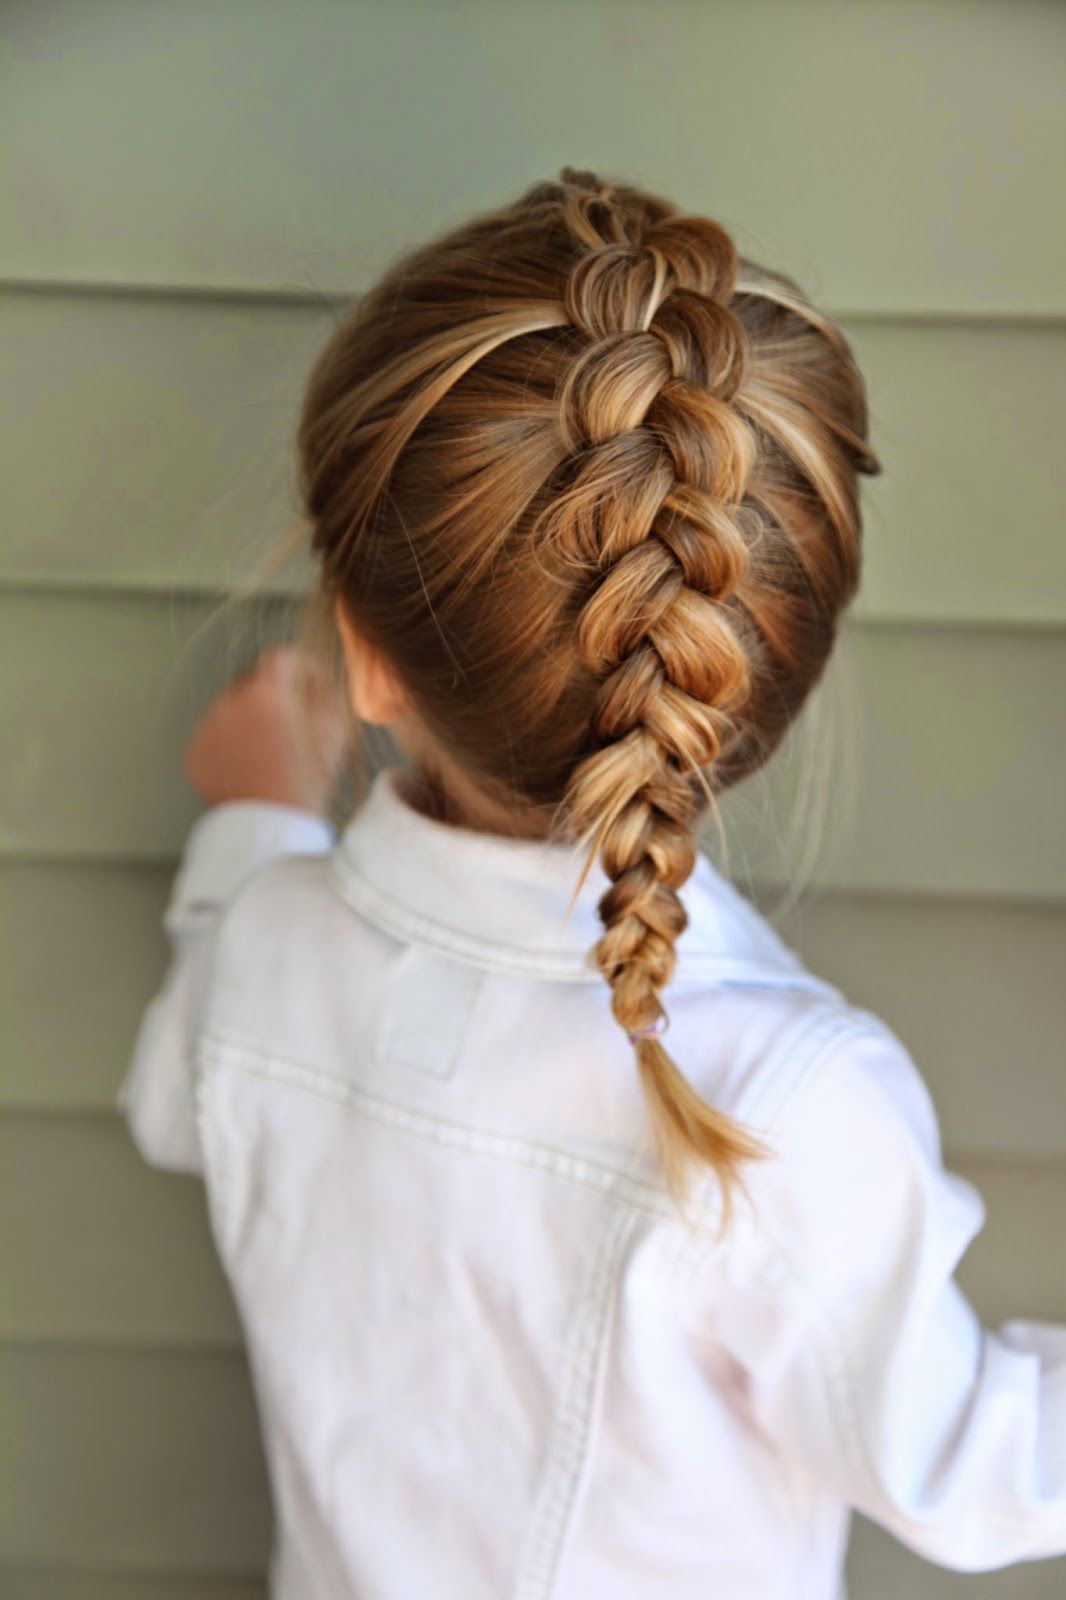 Kiểu tết tóc hình xương cá cho bé gái